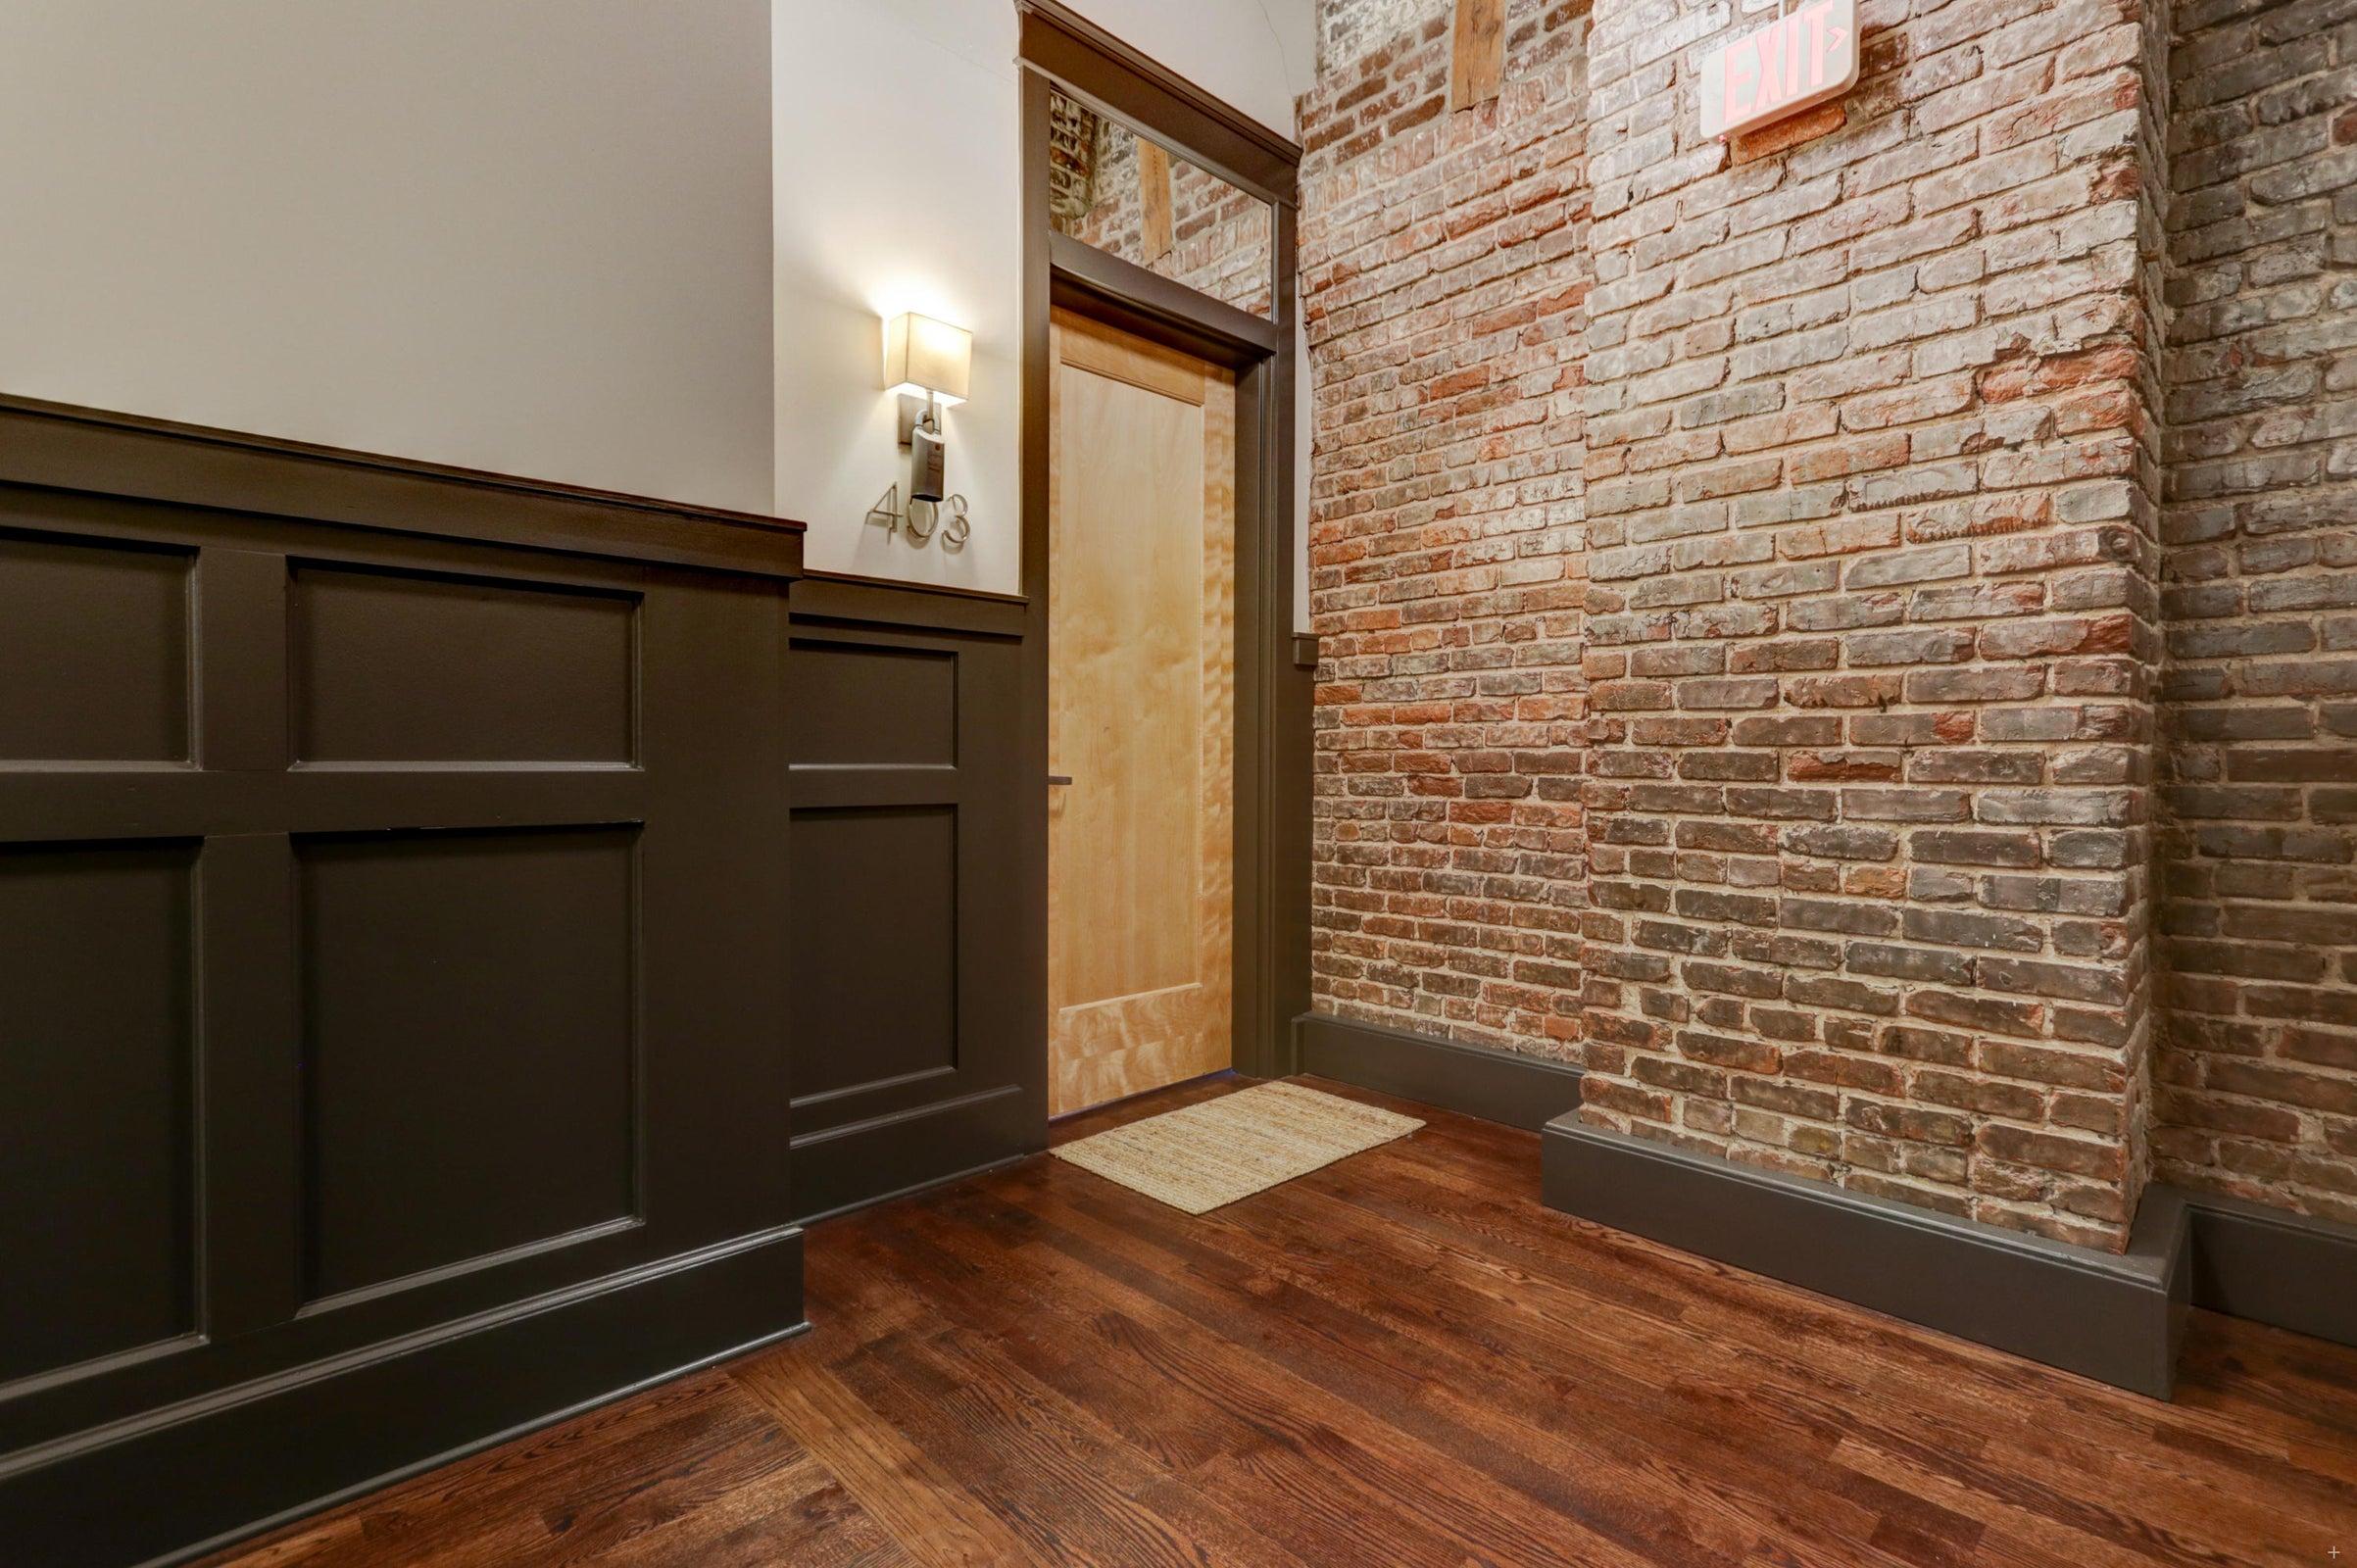 S Gay St Apt 403 Front Door